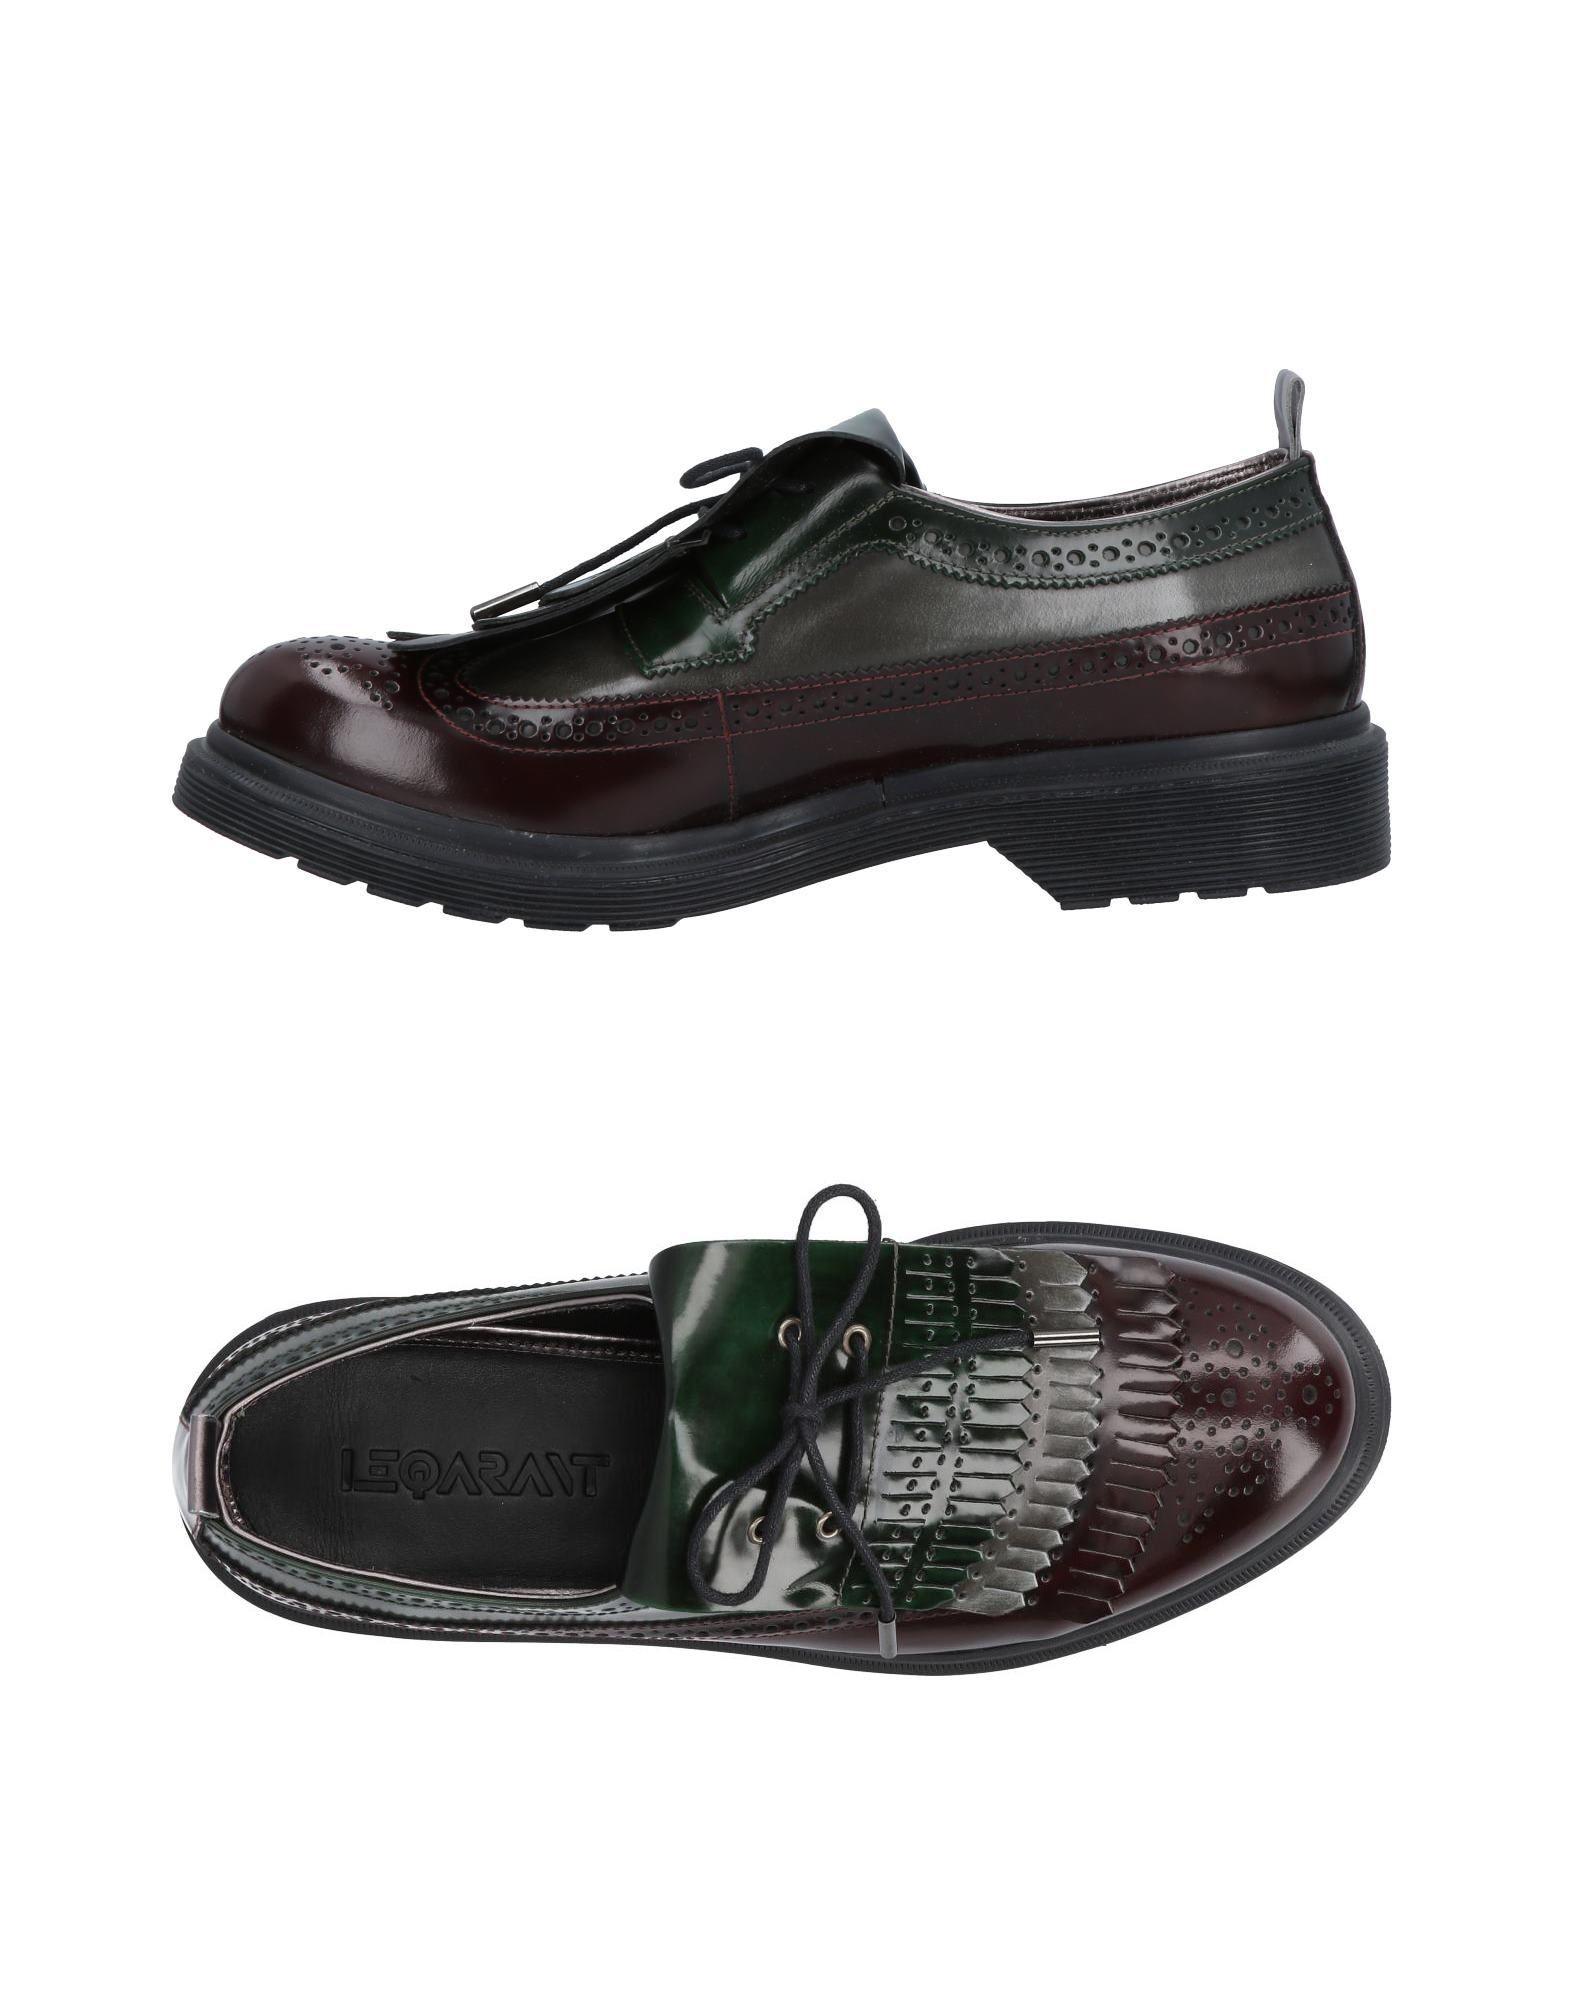 Chaussures - Chaussures À Lacets Le Qarant hWX4SL1